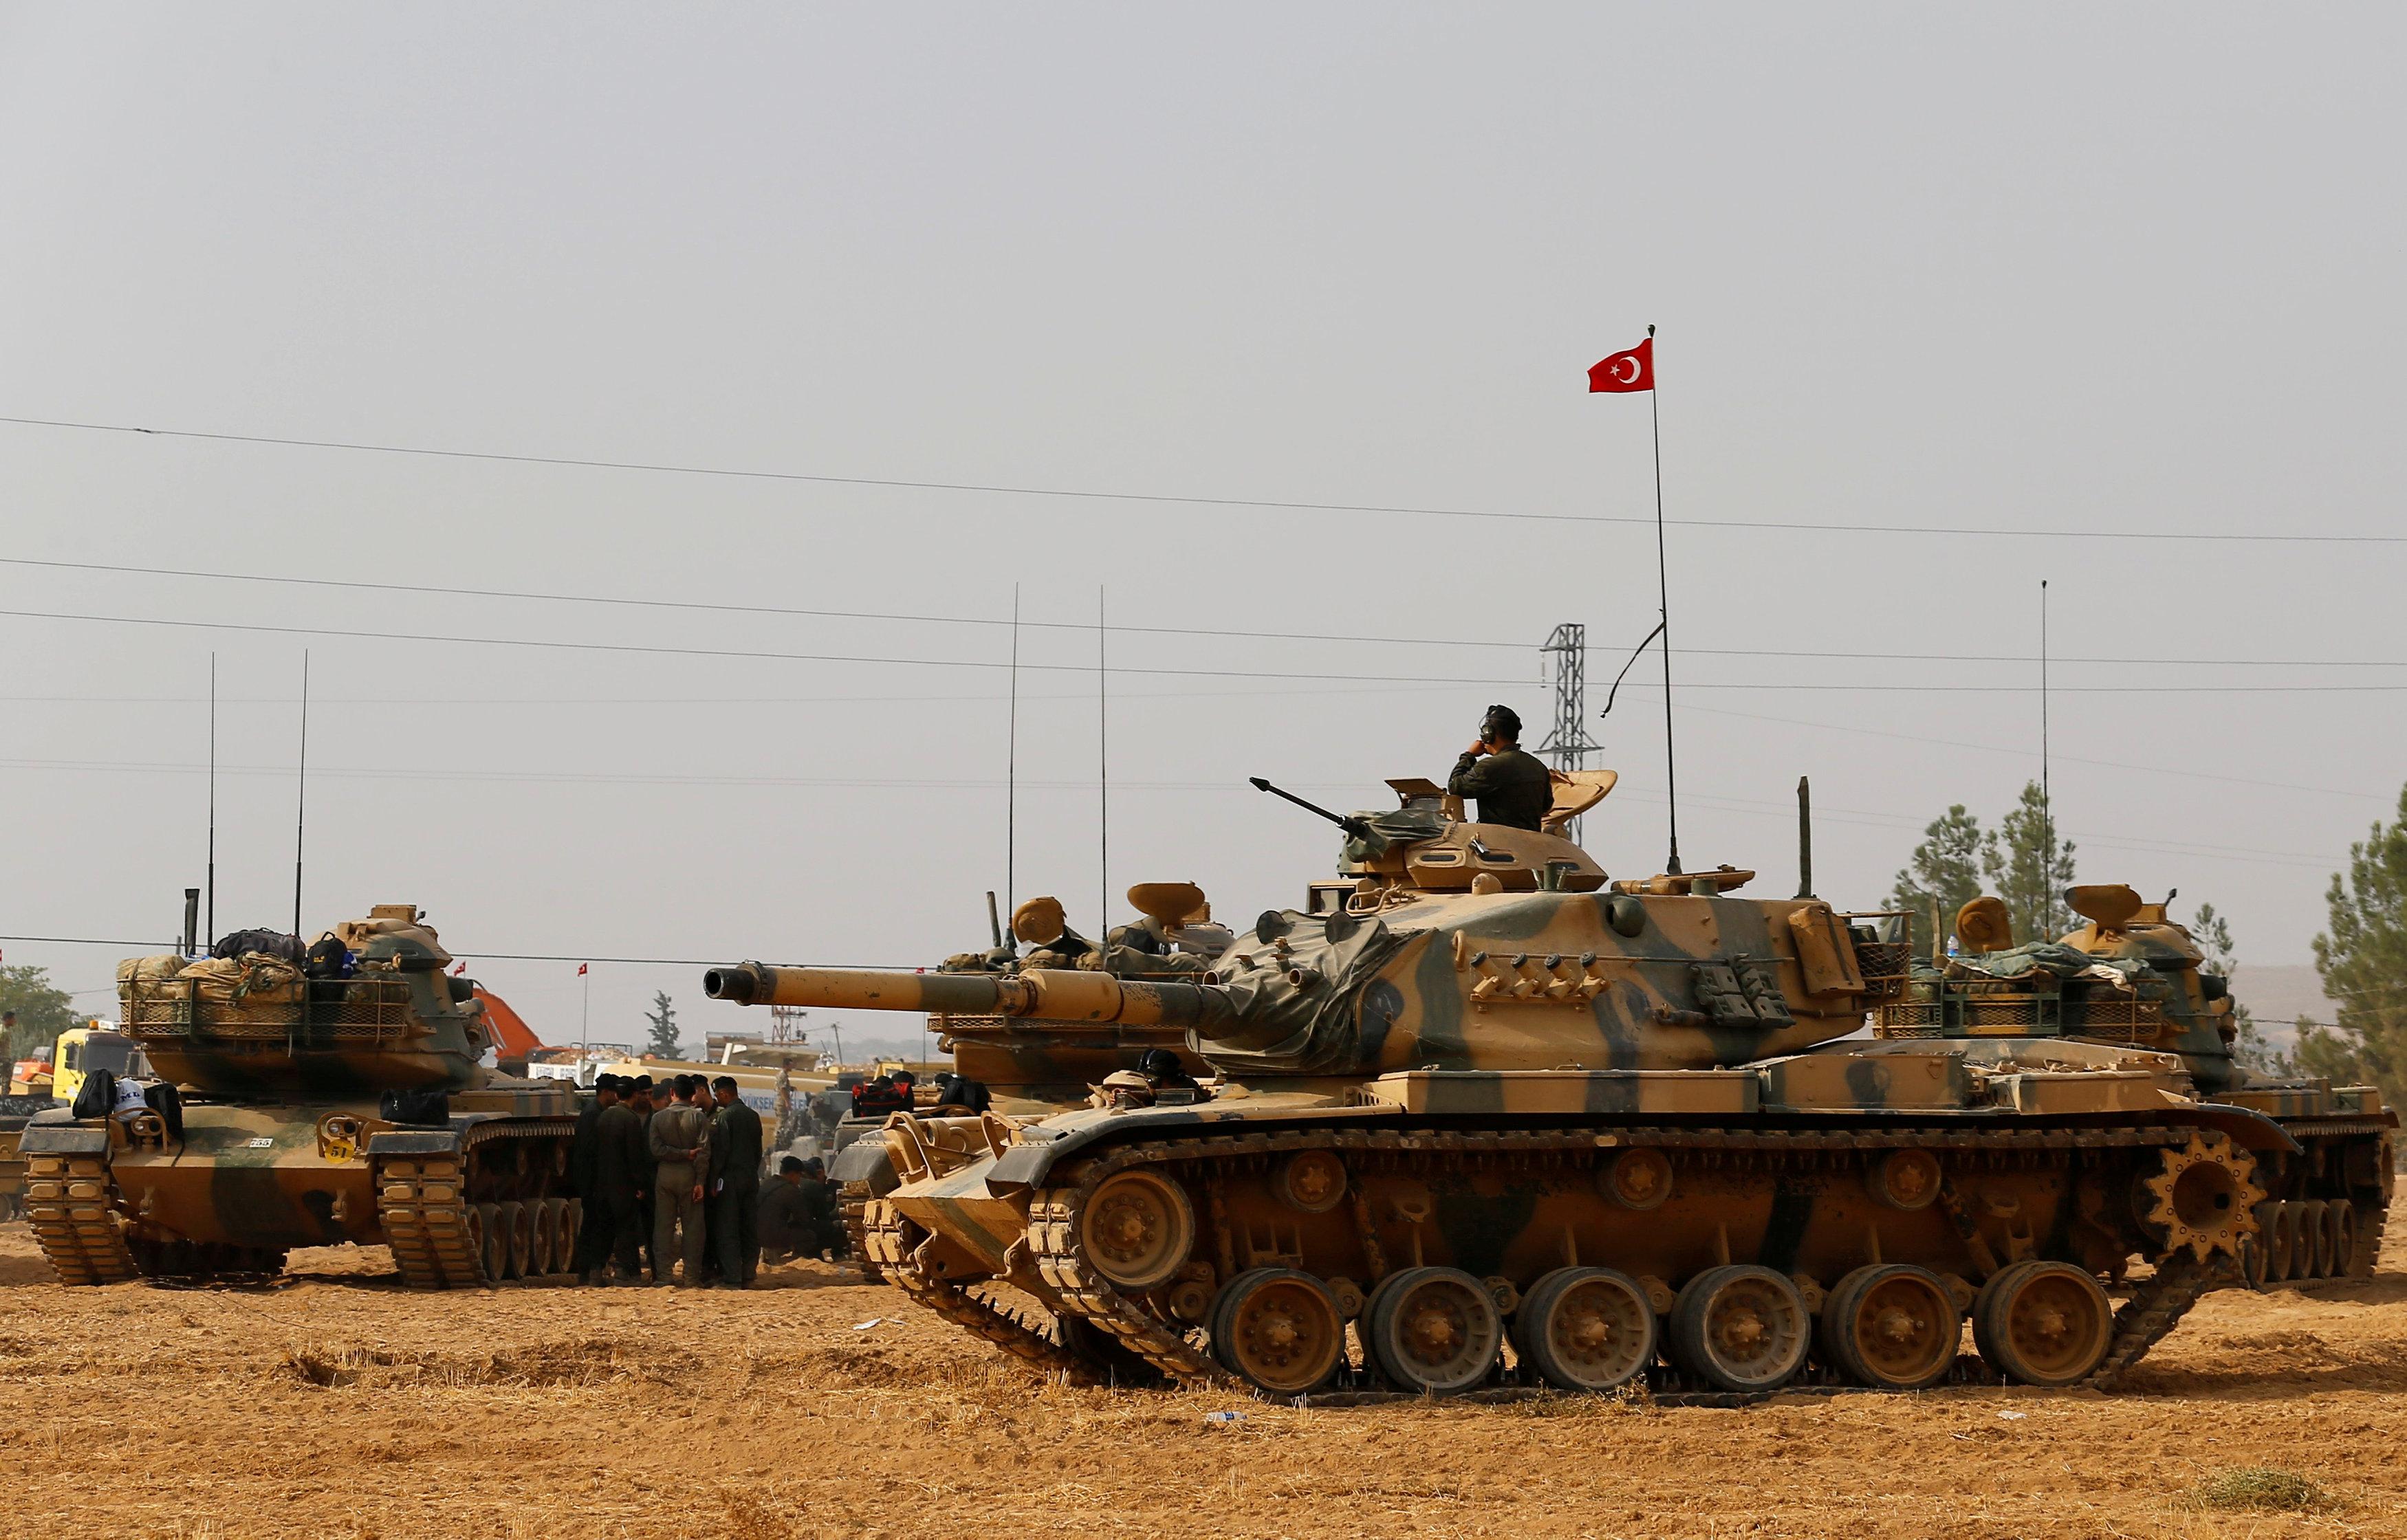 التحالف الدولي يساعد تركيا في البحث عن جندييها المفقودين في سوريا   الغد